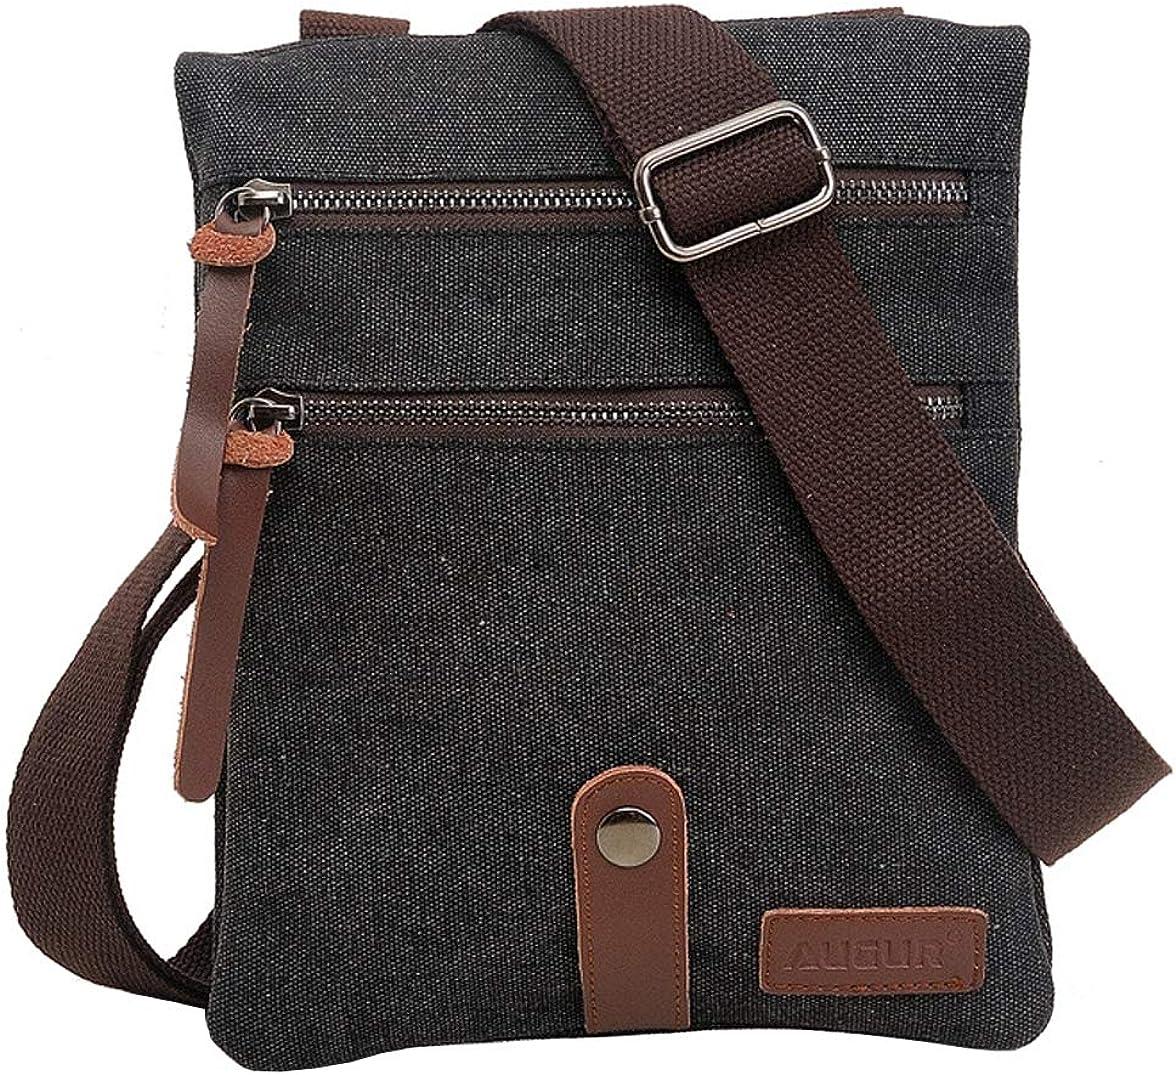 Small Messenger Bag Small...